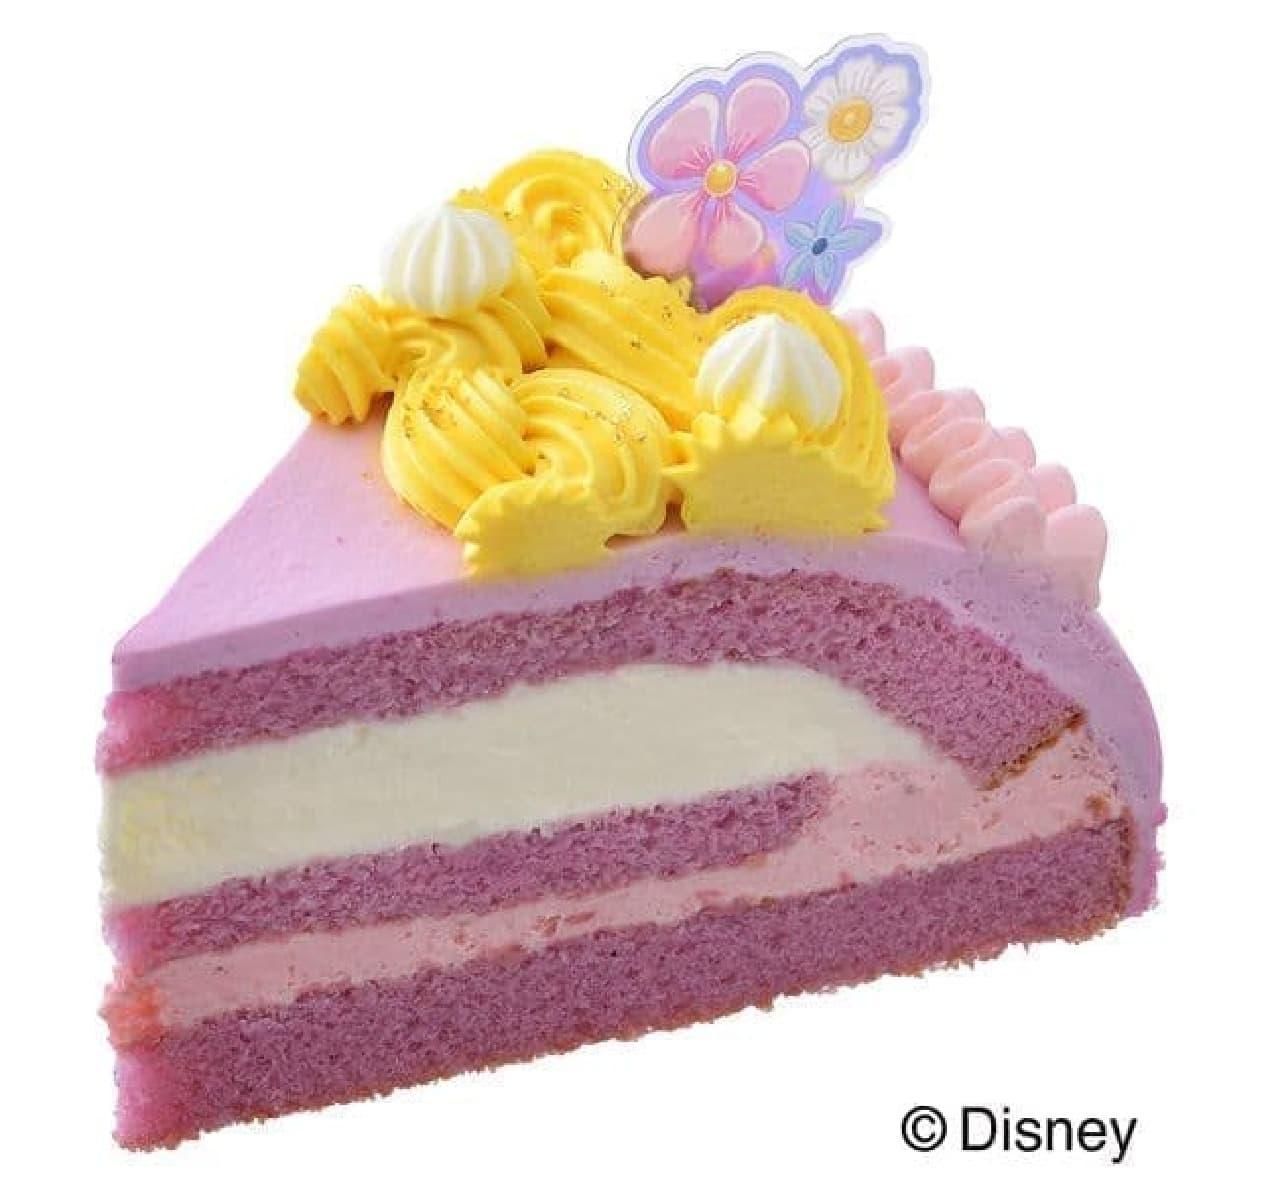 銀座コージーコーナー「<ラプンツェル>プリンセスケーキ」